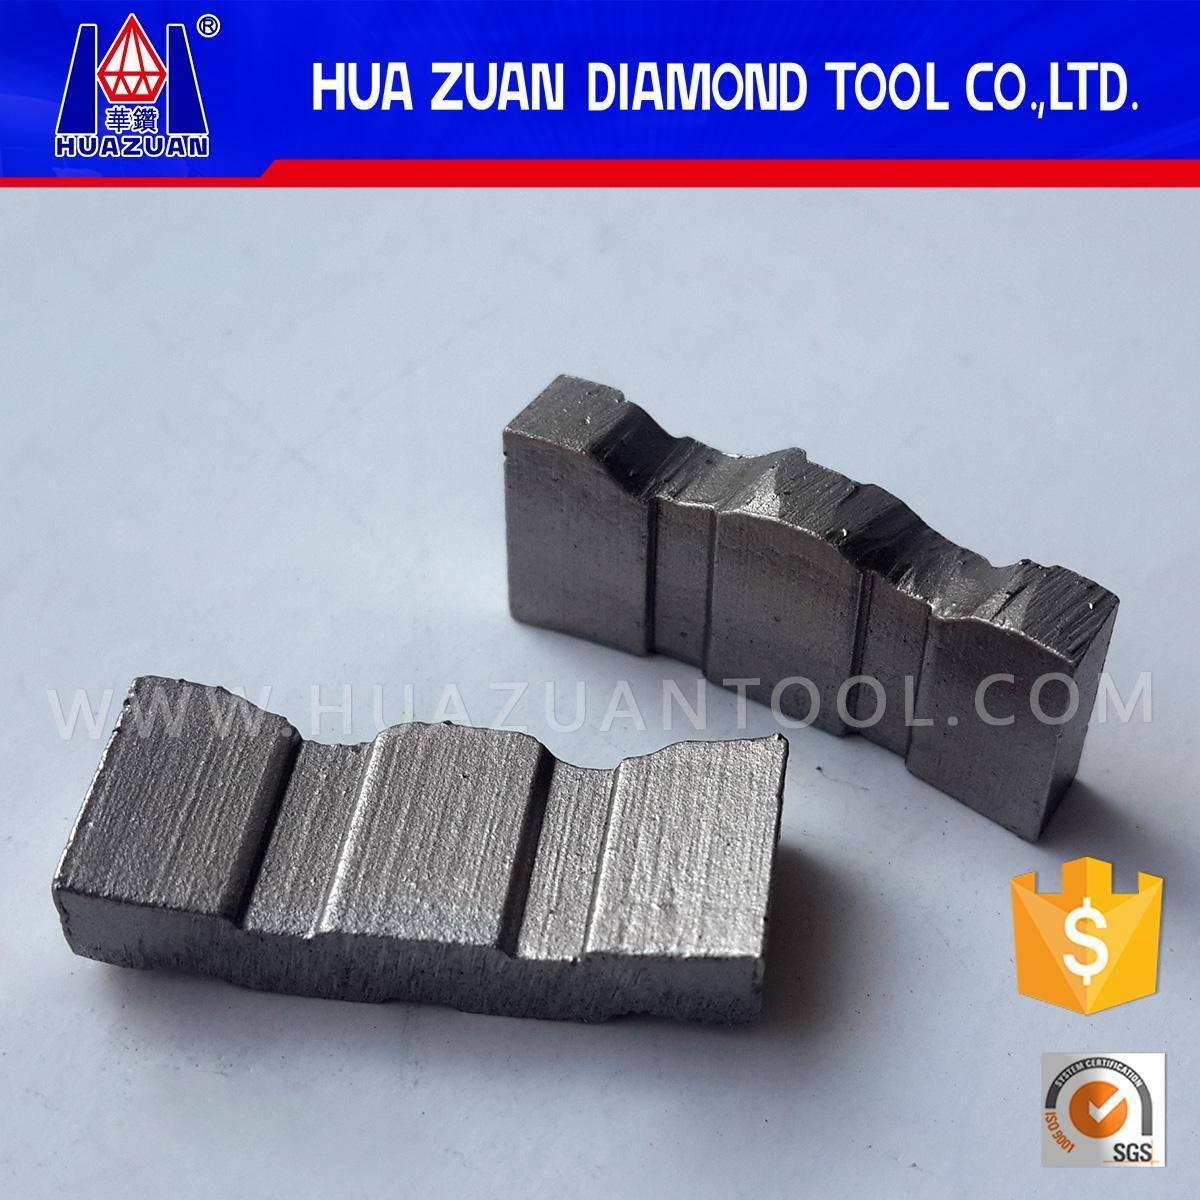 Diamond Core Drill Bit Segment for Construction